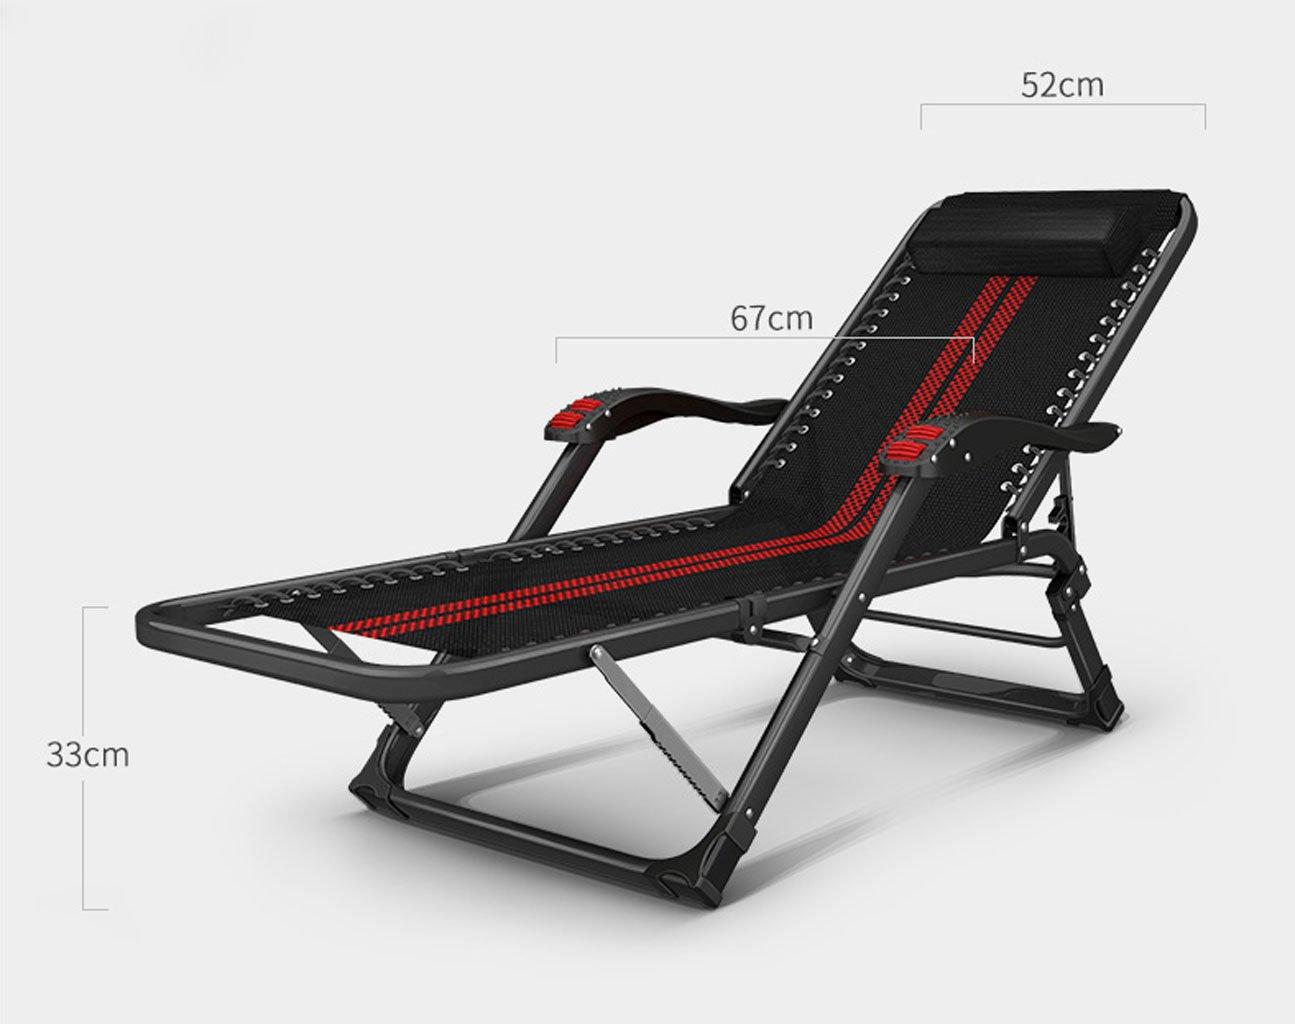 Inclinables Pliante Plage De Simple Chaise Lit w80OPvymNn